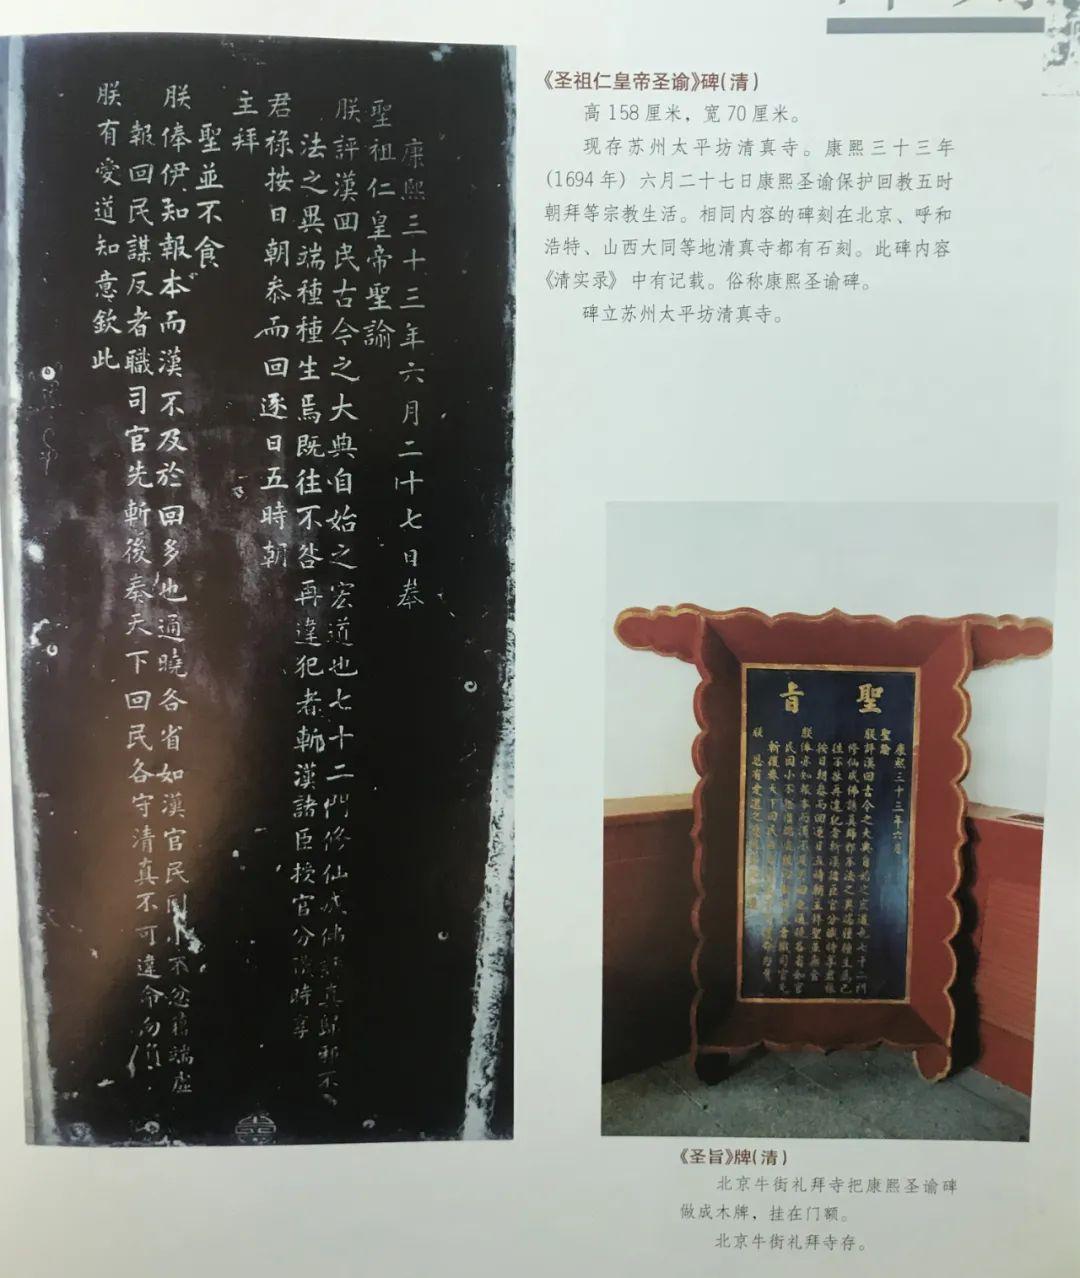 收藏于清真寺的珍贵文物